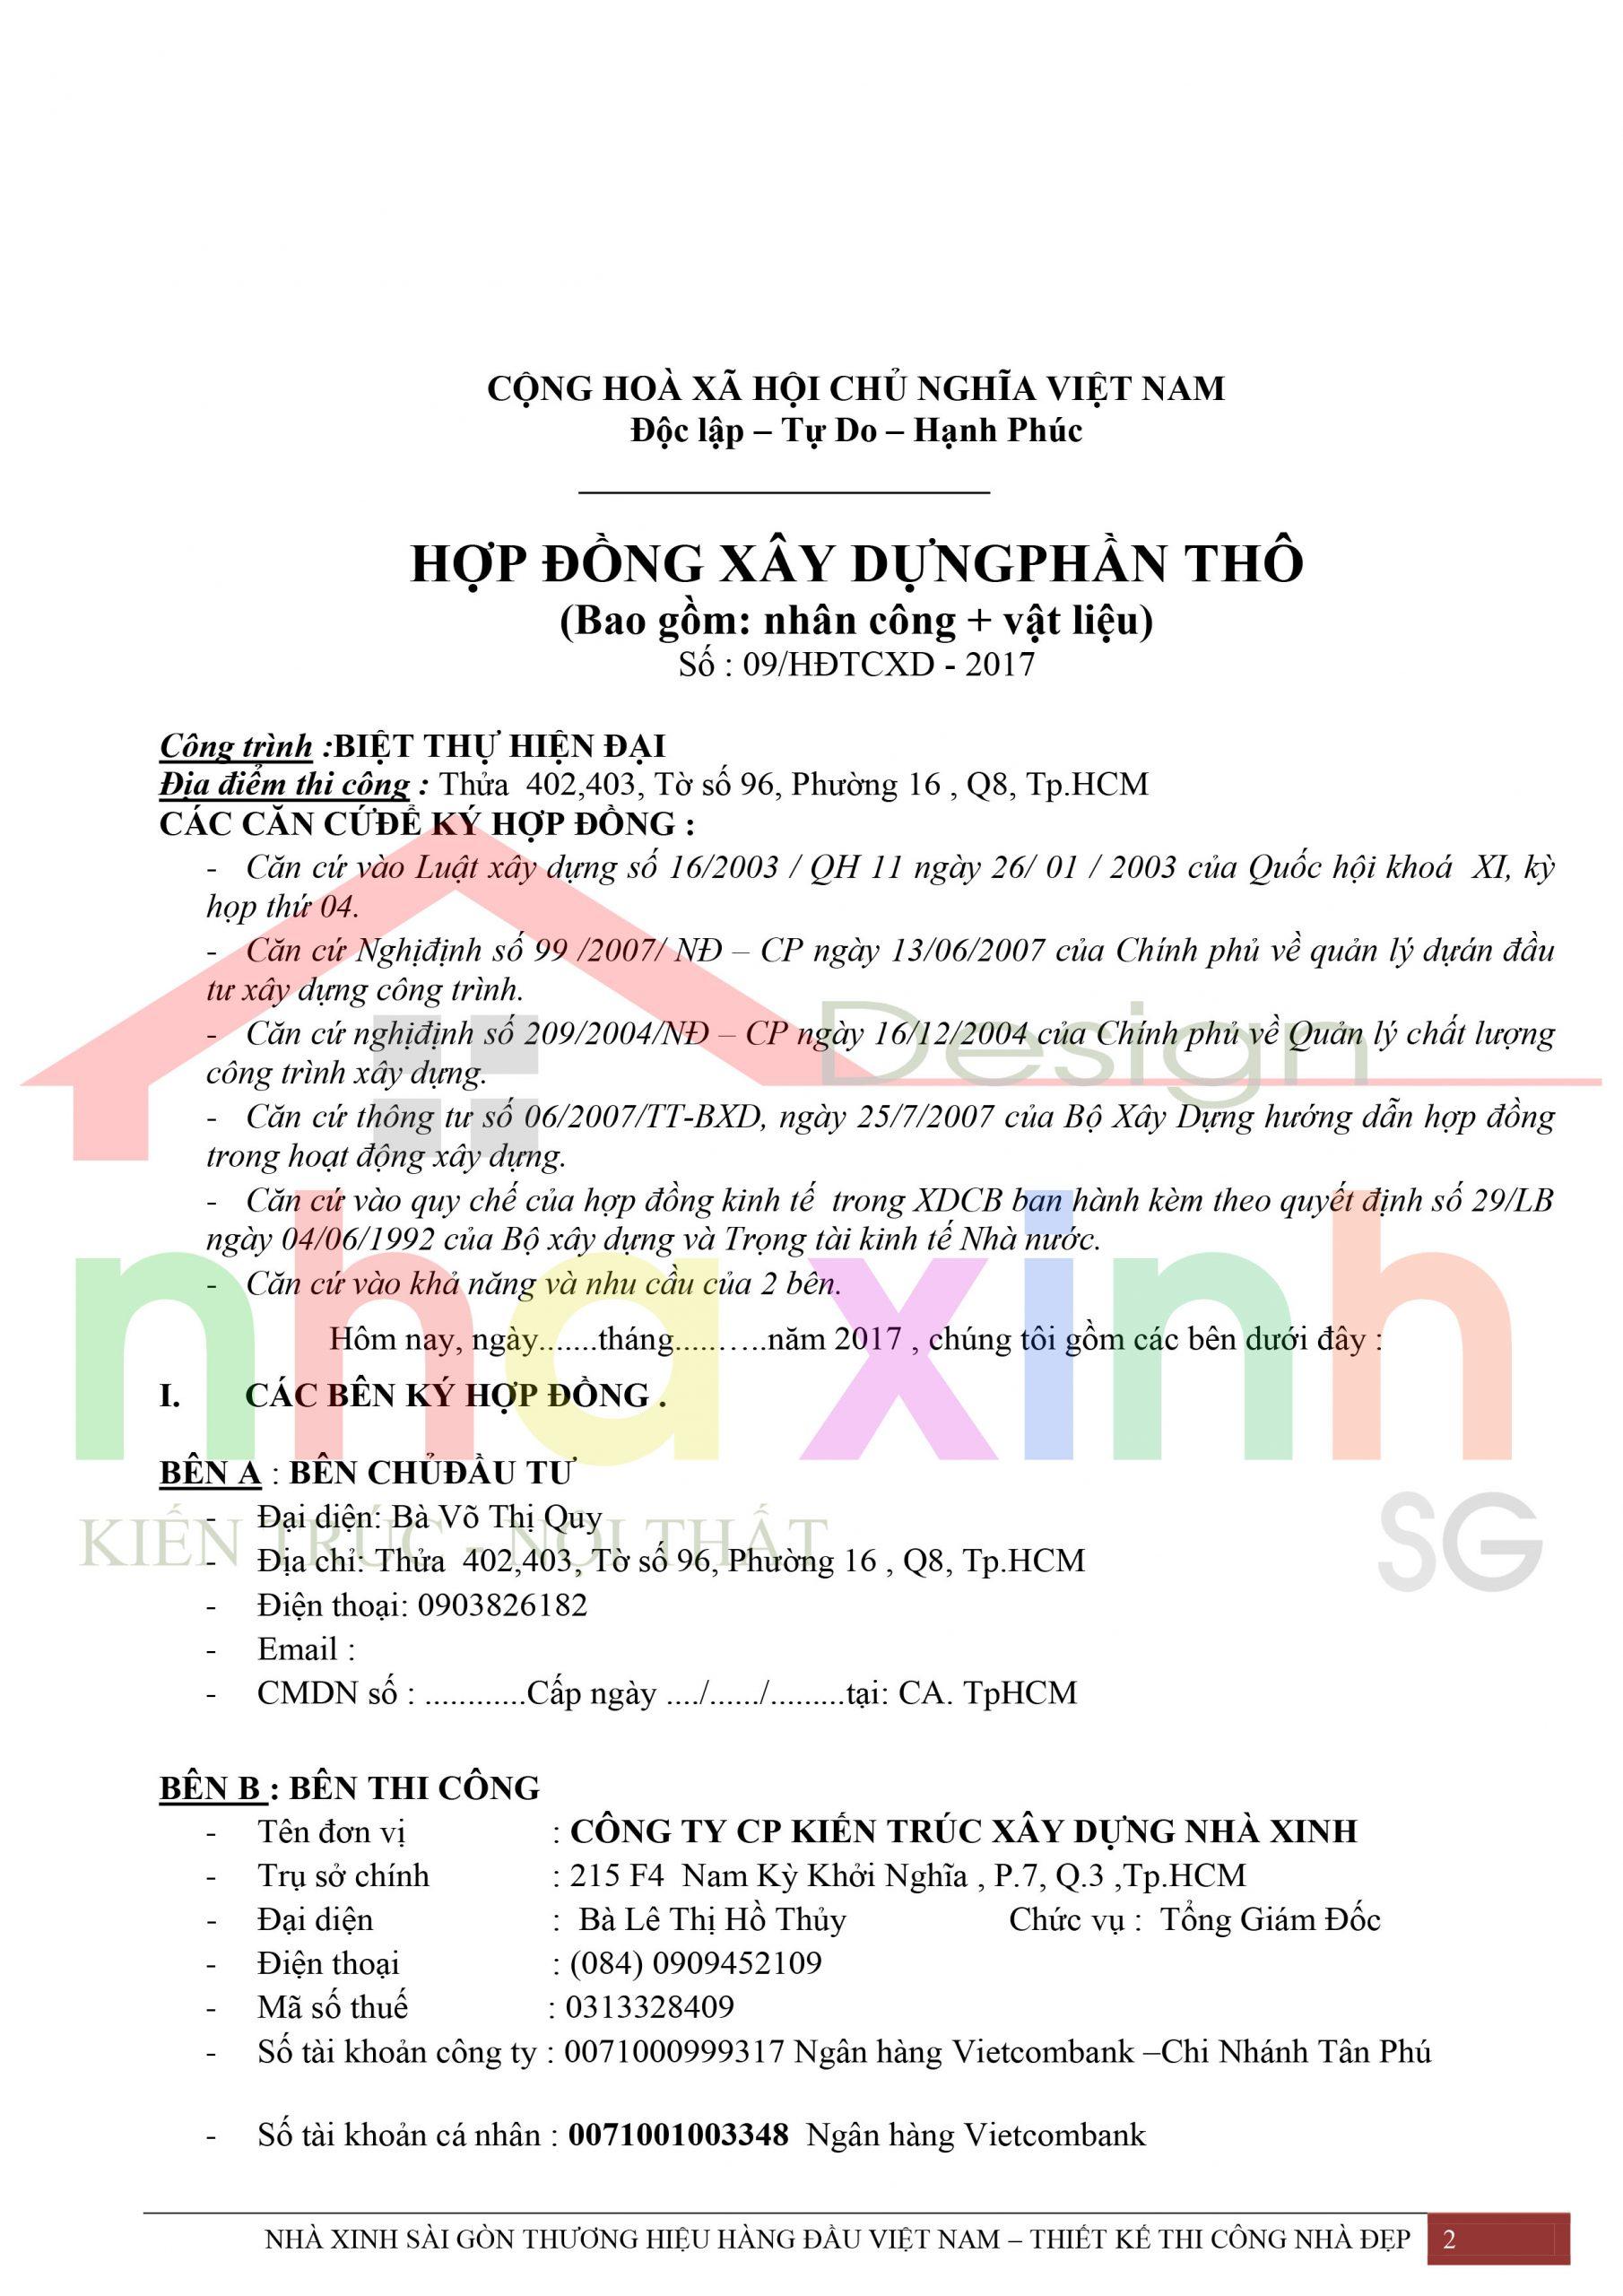 Mẫu hợp đồng phần thô Nhà Xinh 2 scaled